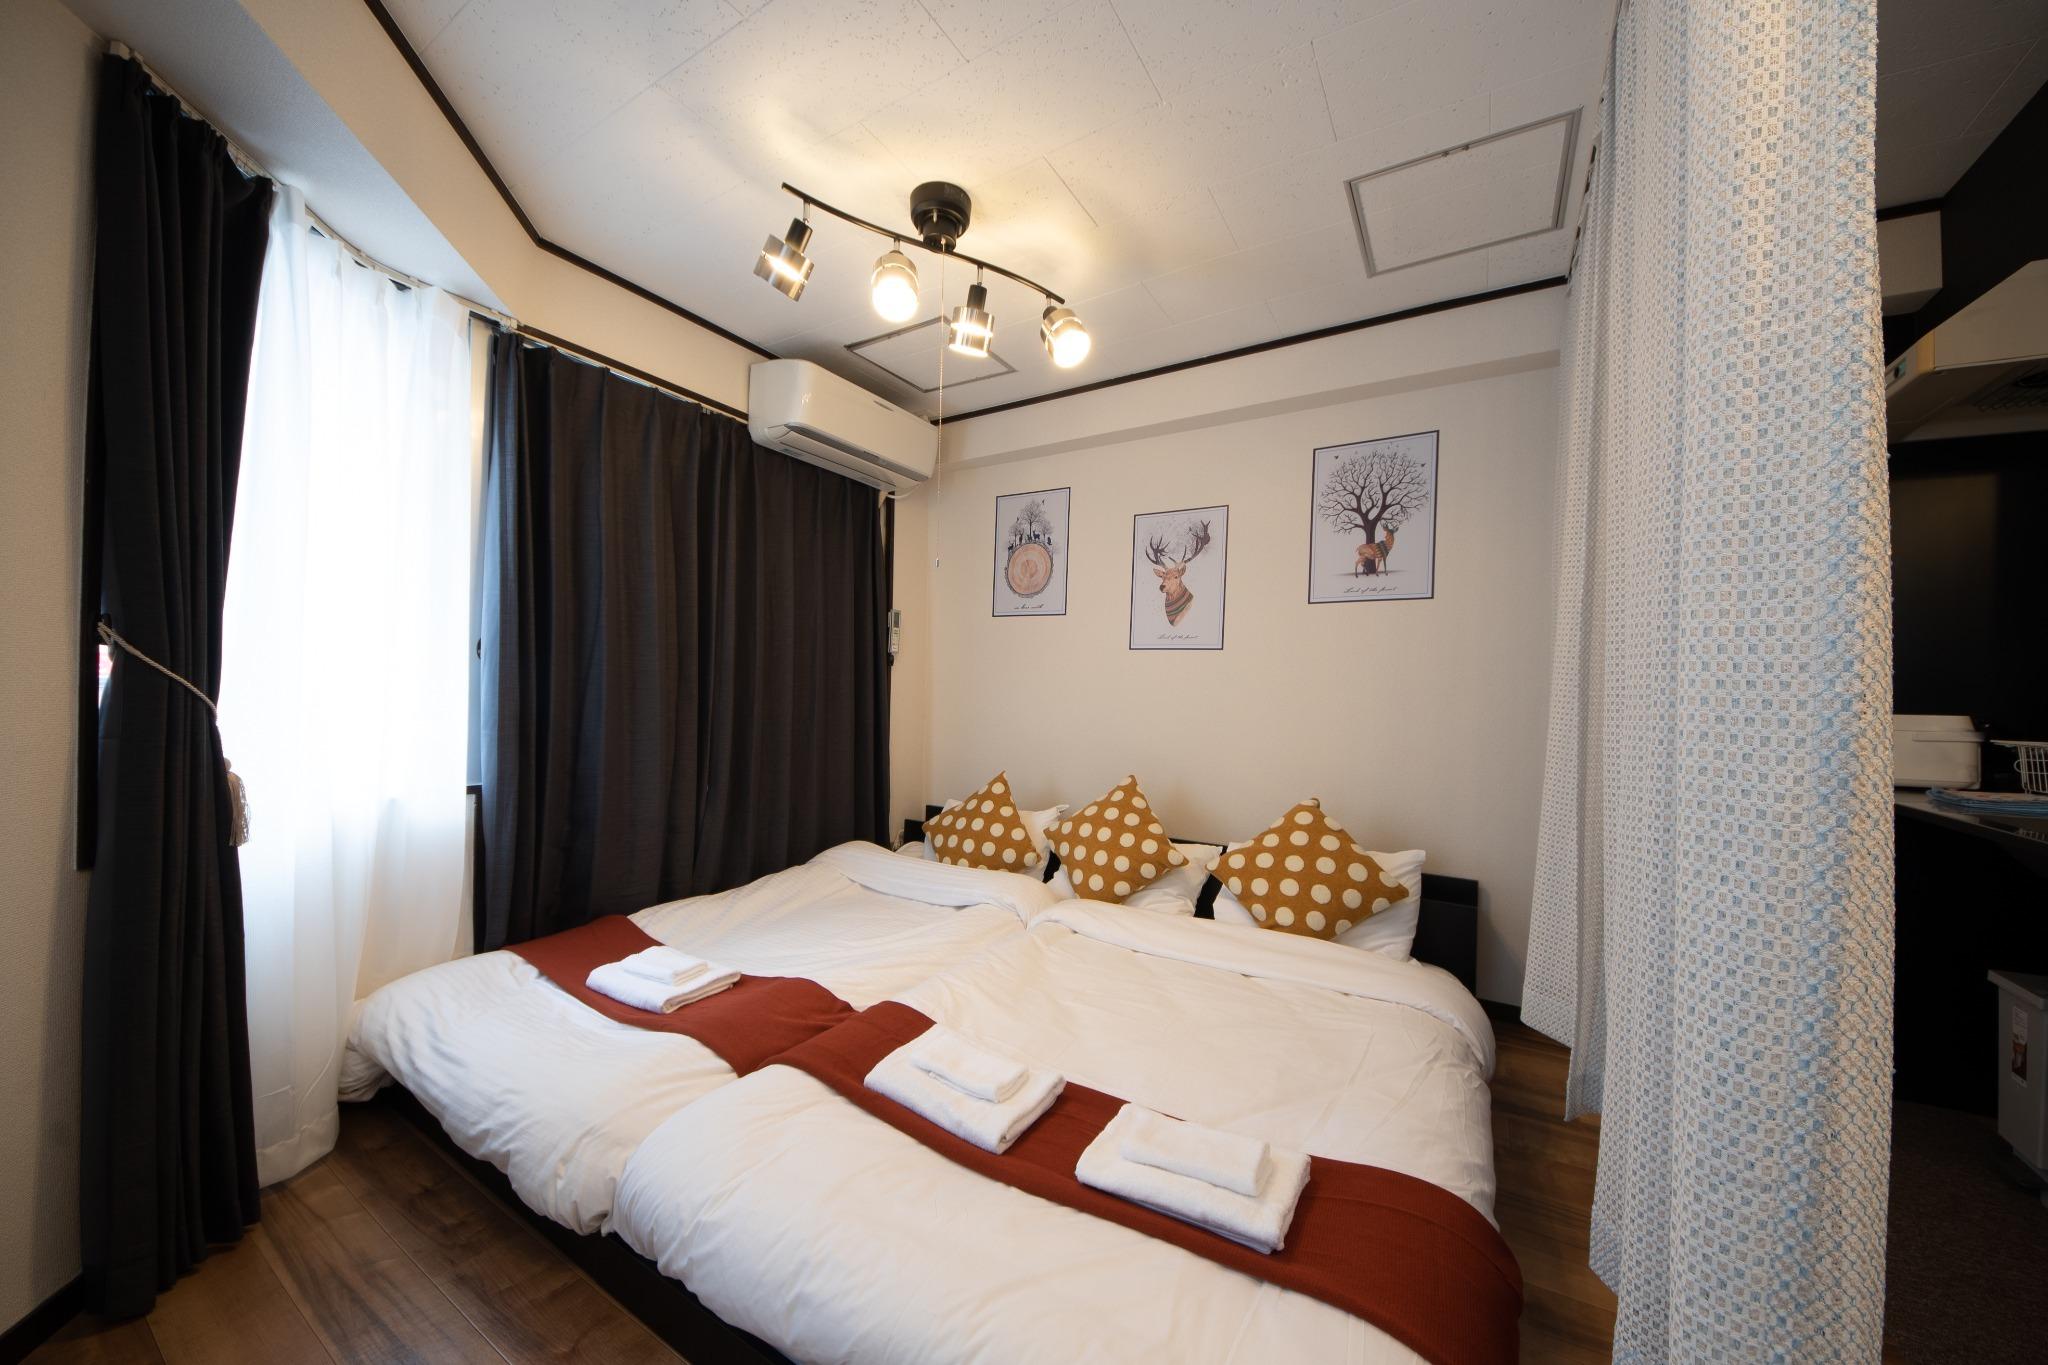 シングルベッド&ダブルベッド